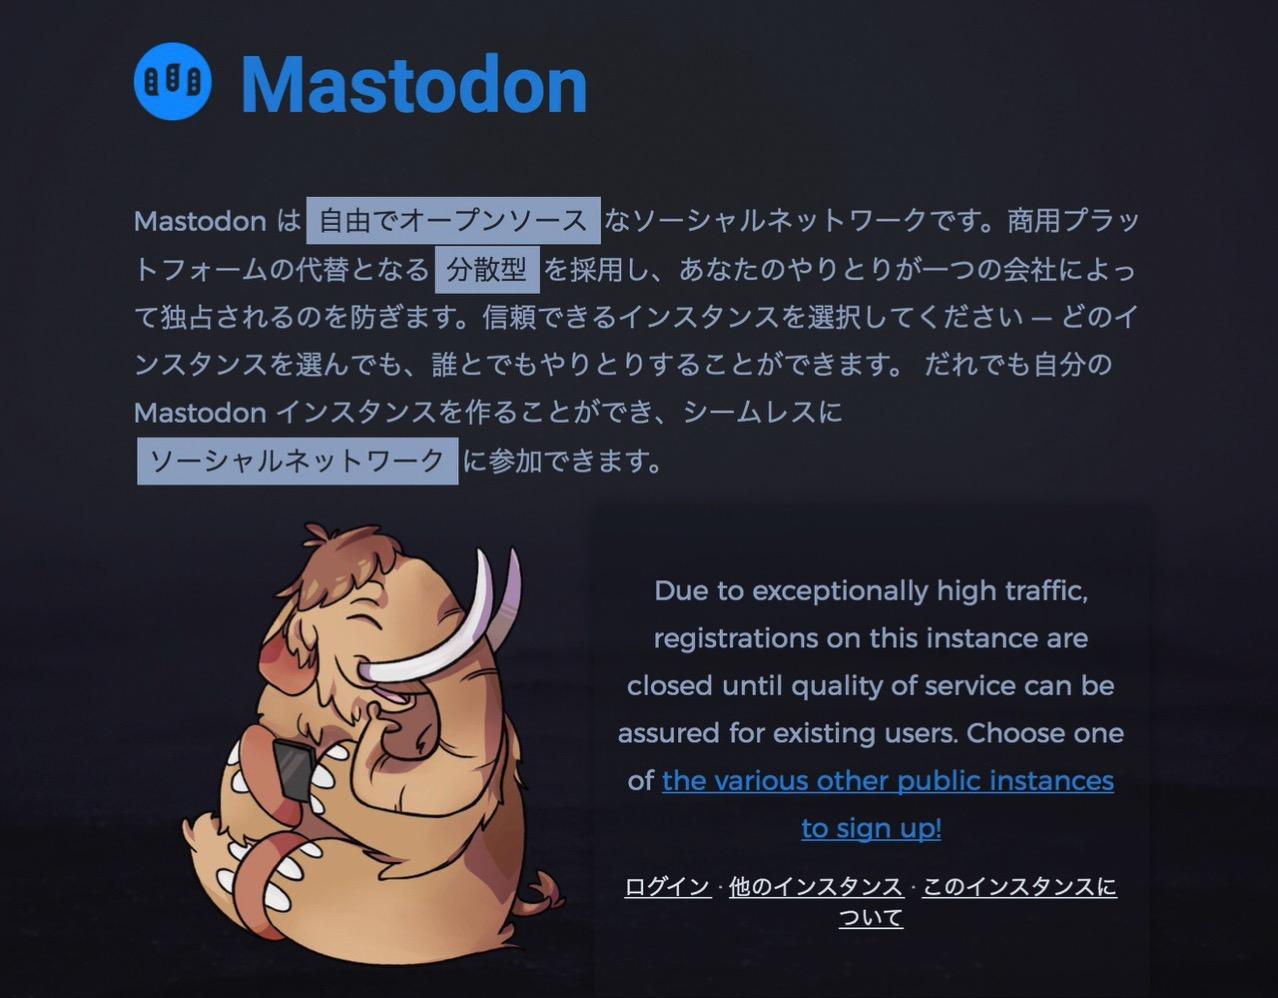 「マストドン(Mastodon)」雑感とTwitterとの違いと日本人の短文投稿に関するメンタリティ